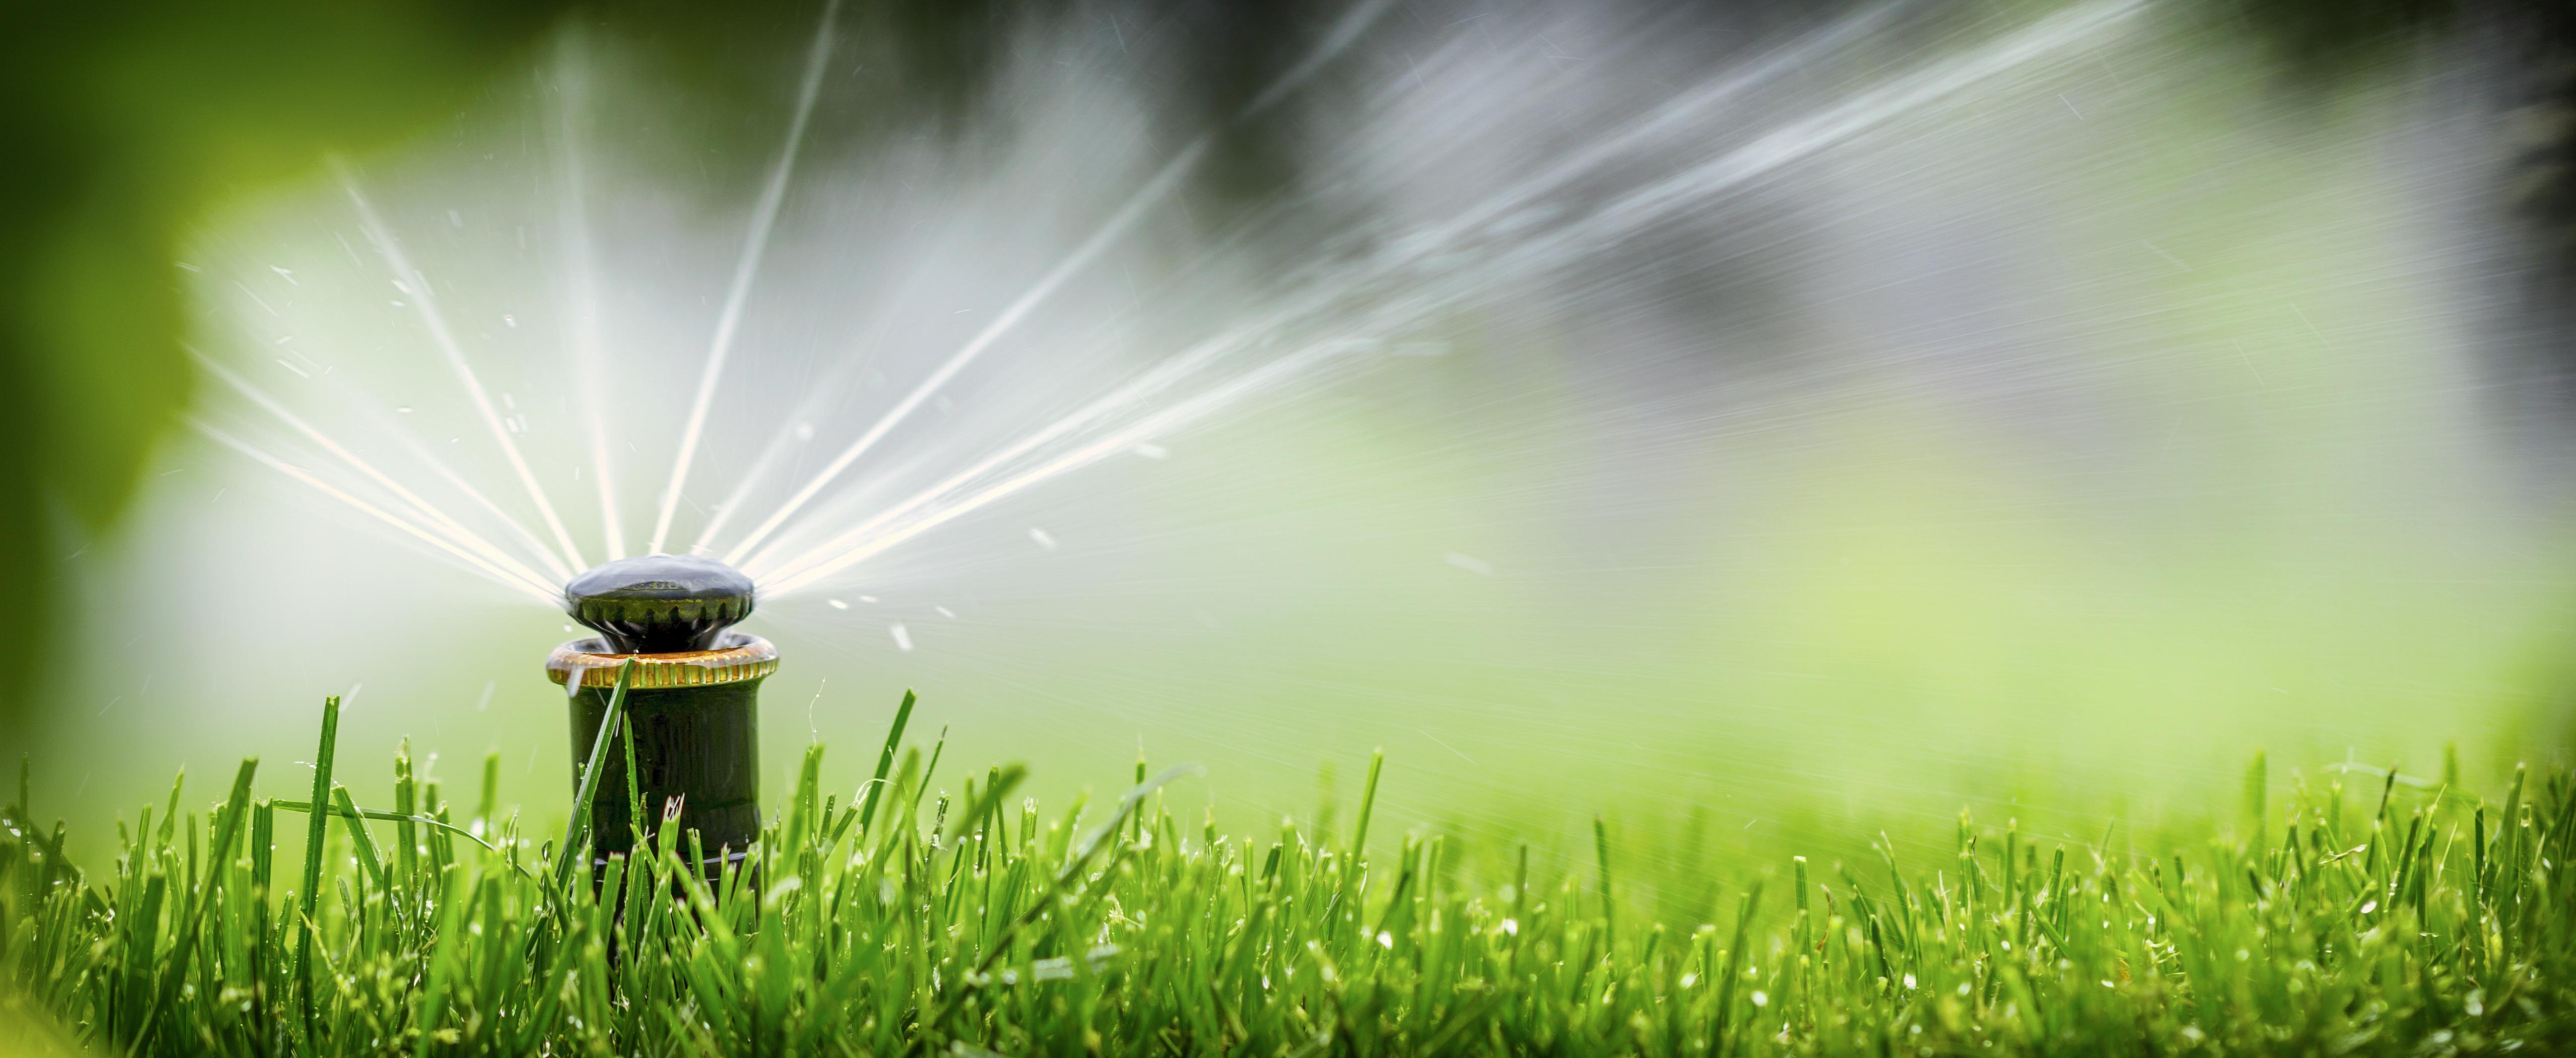 oszczedne-podlewanie-ogrodu-jak-to-robic-z-glowa